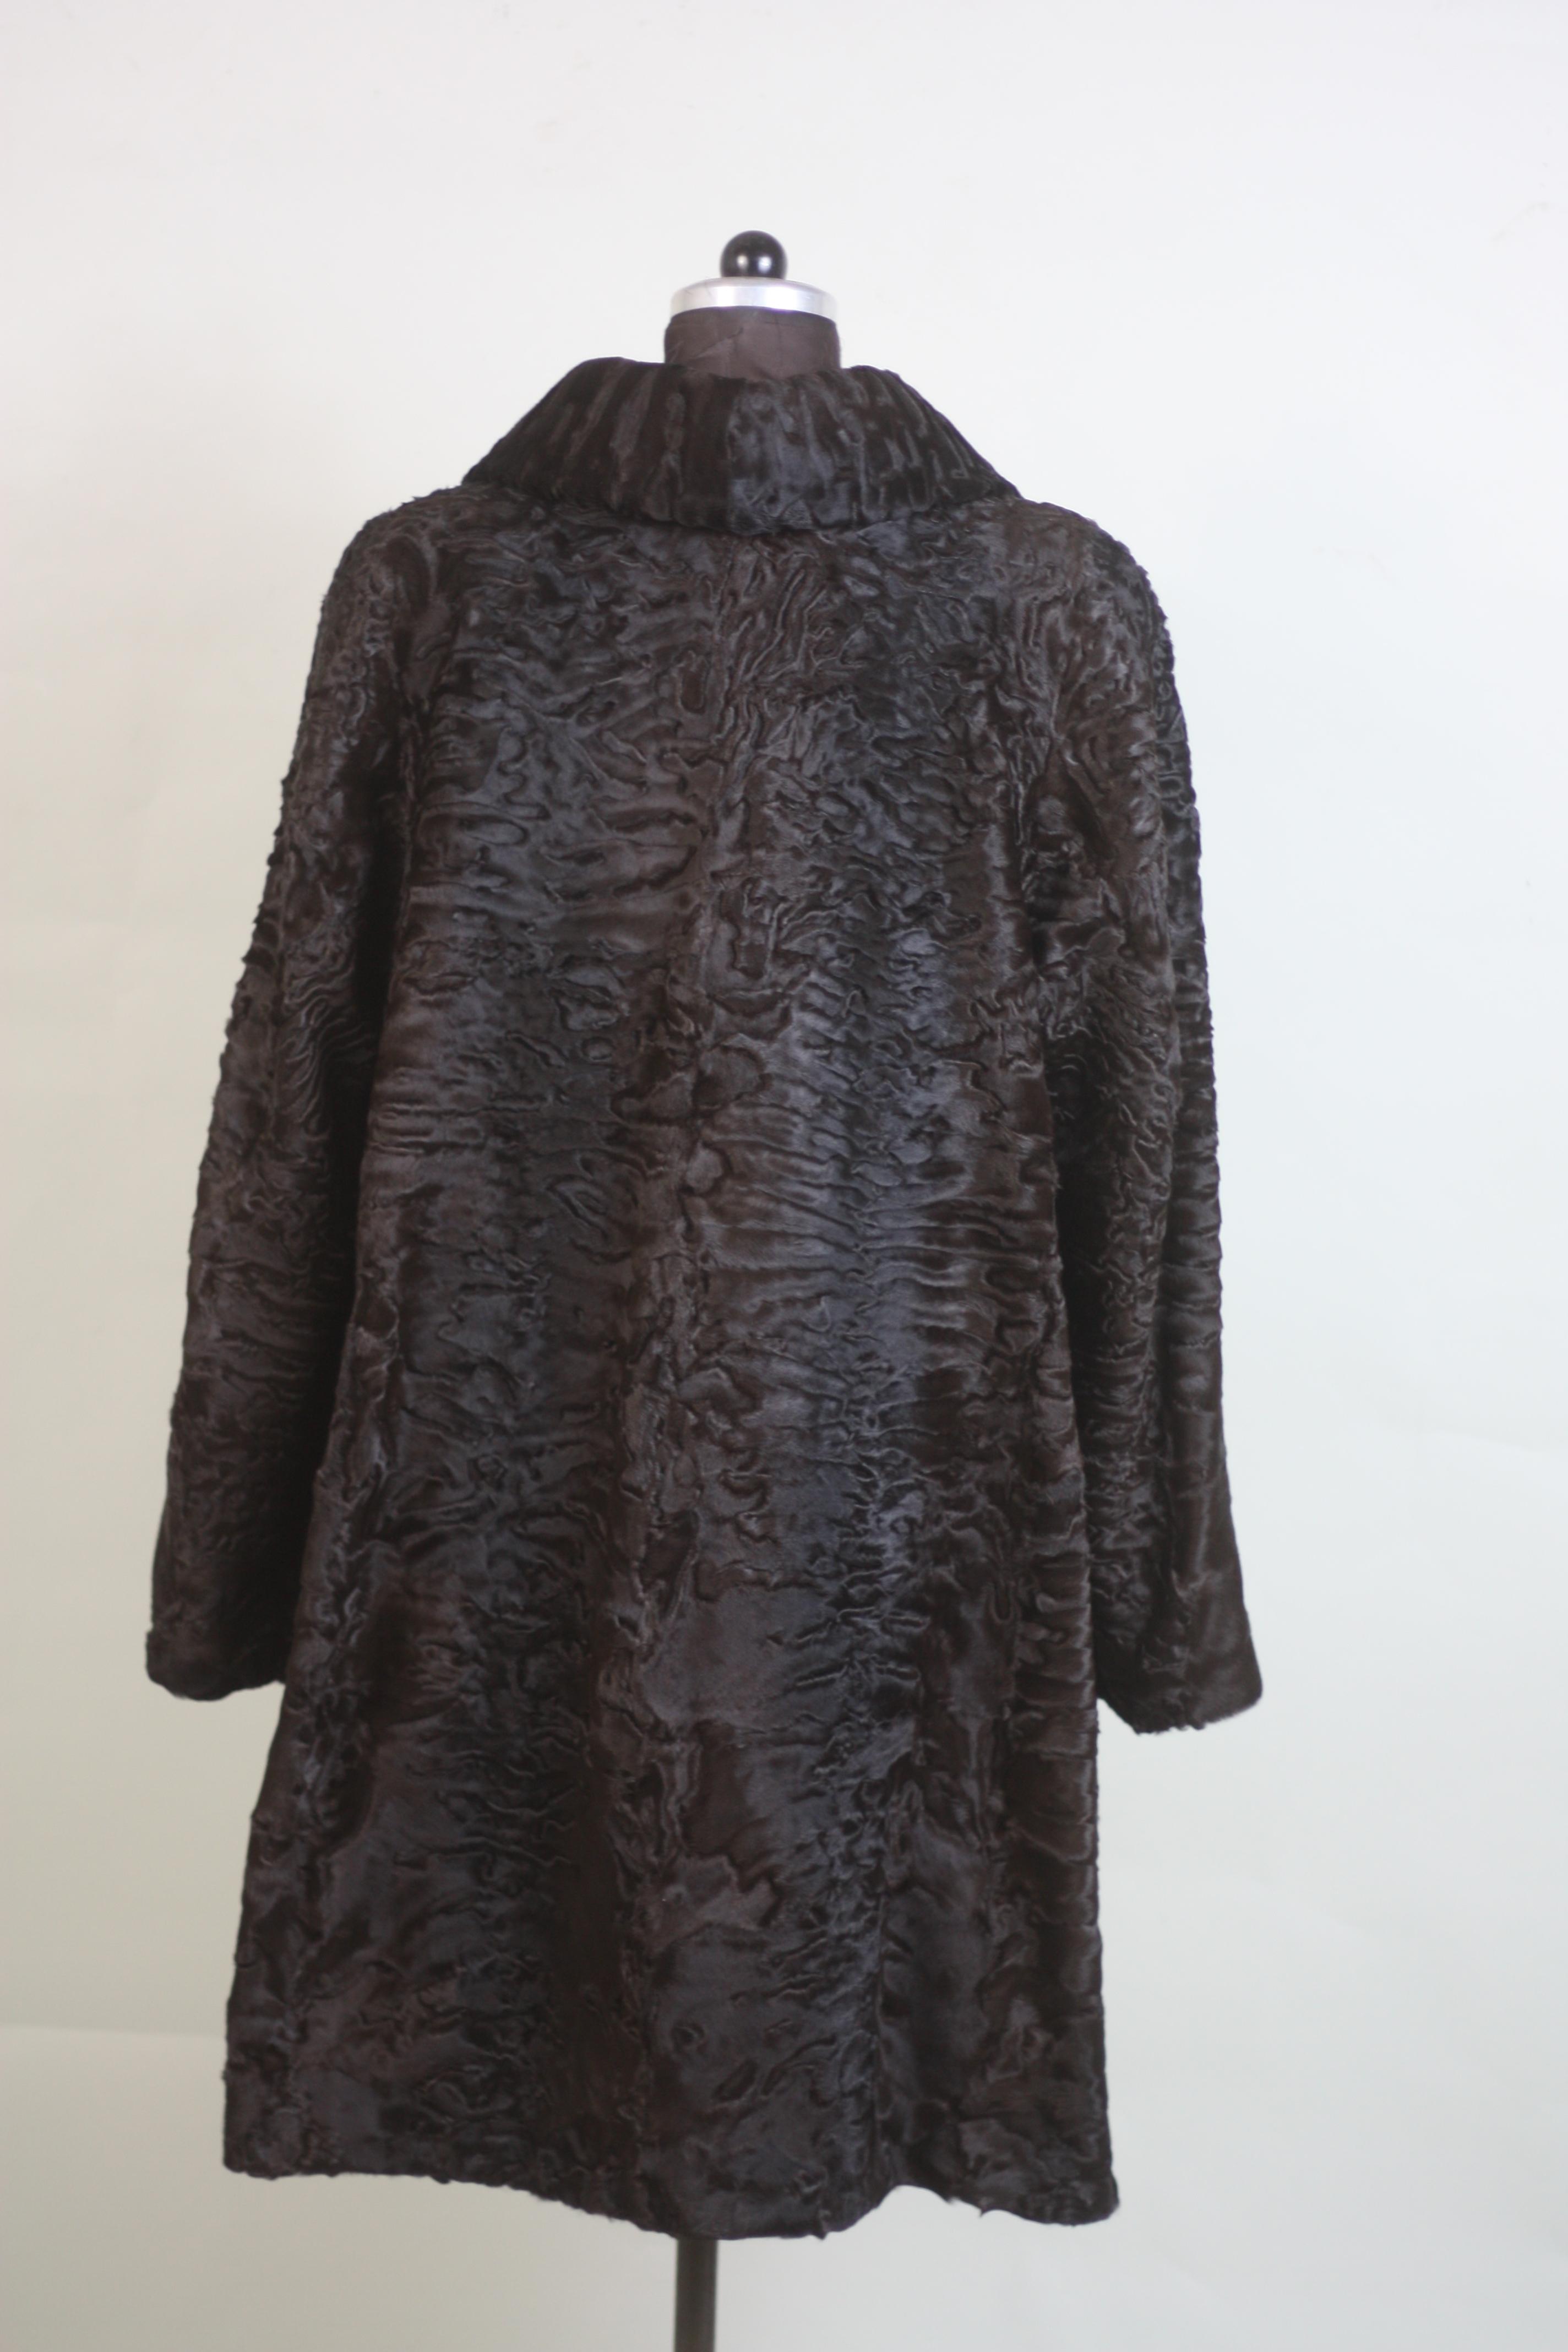 brown swakara lamb fur coat rear view 3/4 length